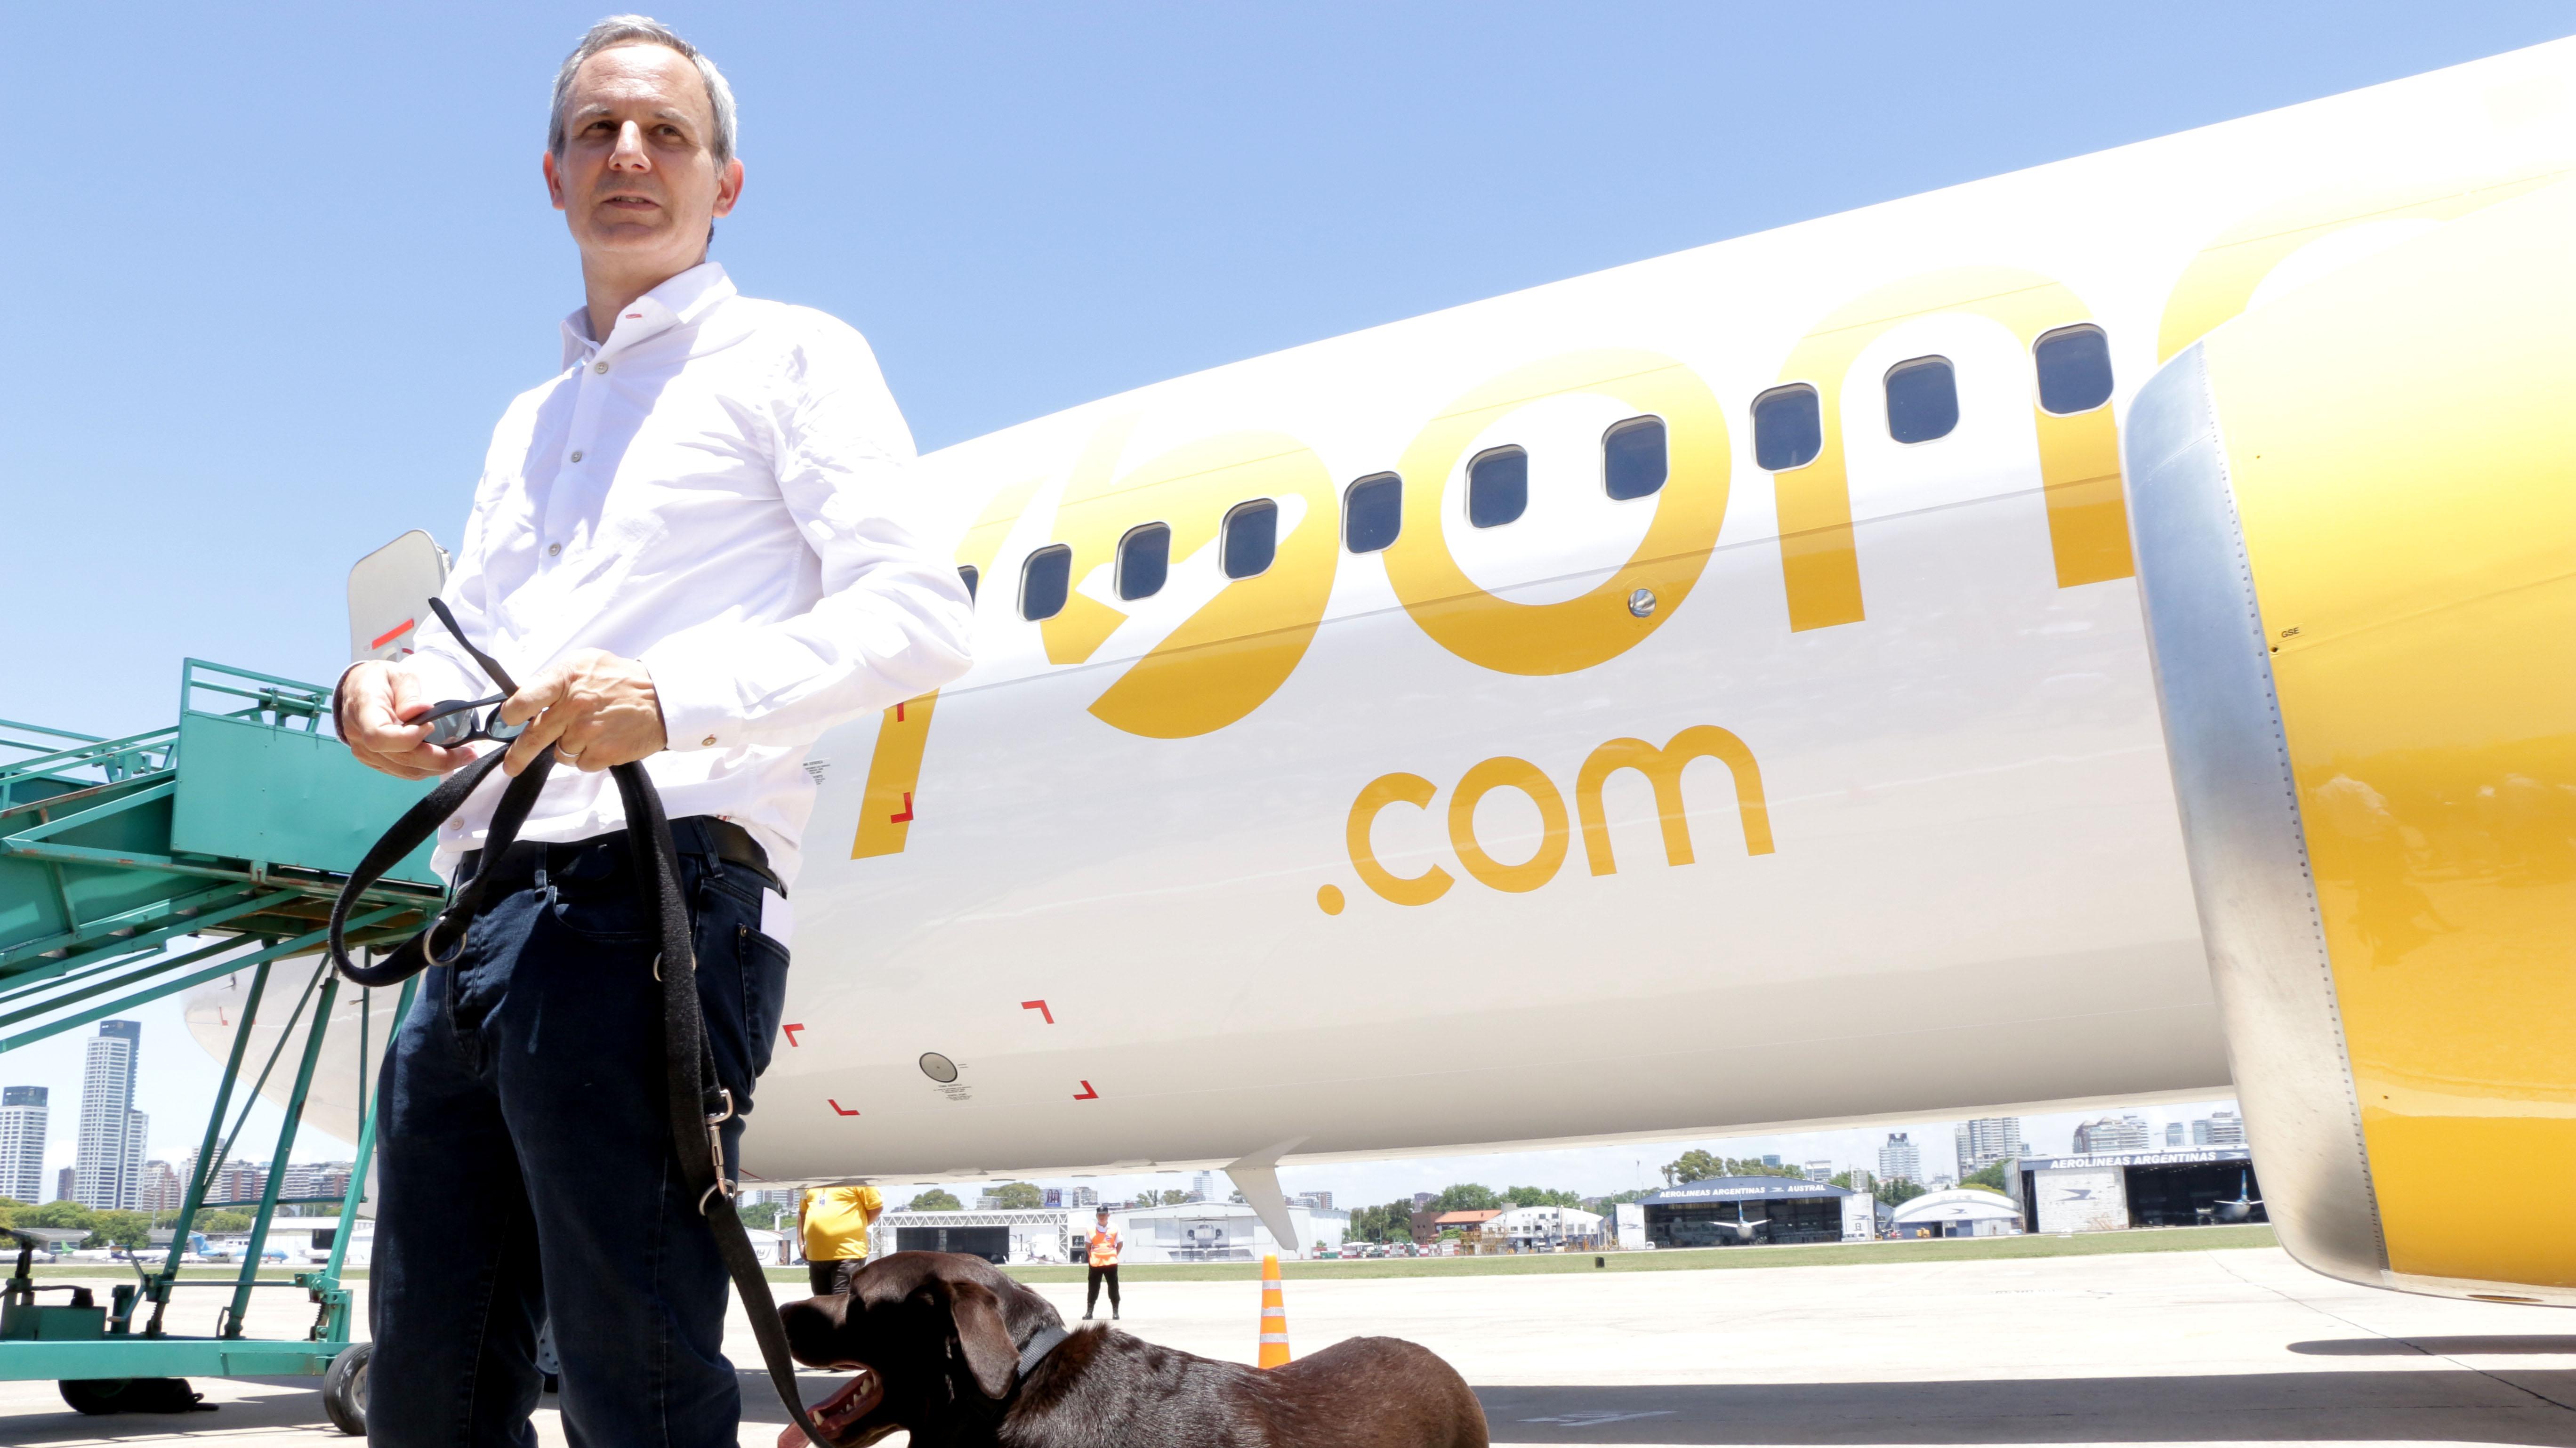 El primer avión se llama Nelson, como la mascota de Julian Cook, CEO de la compañía que invirtió USD 75 millones para comenzar a operar en la Argentina